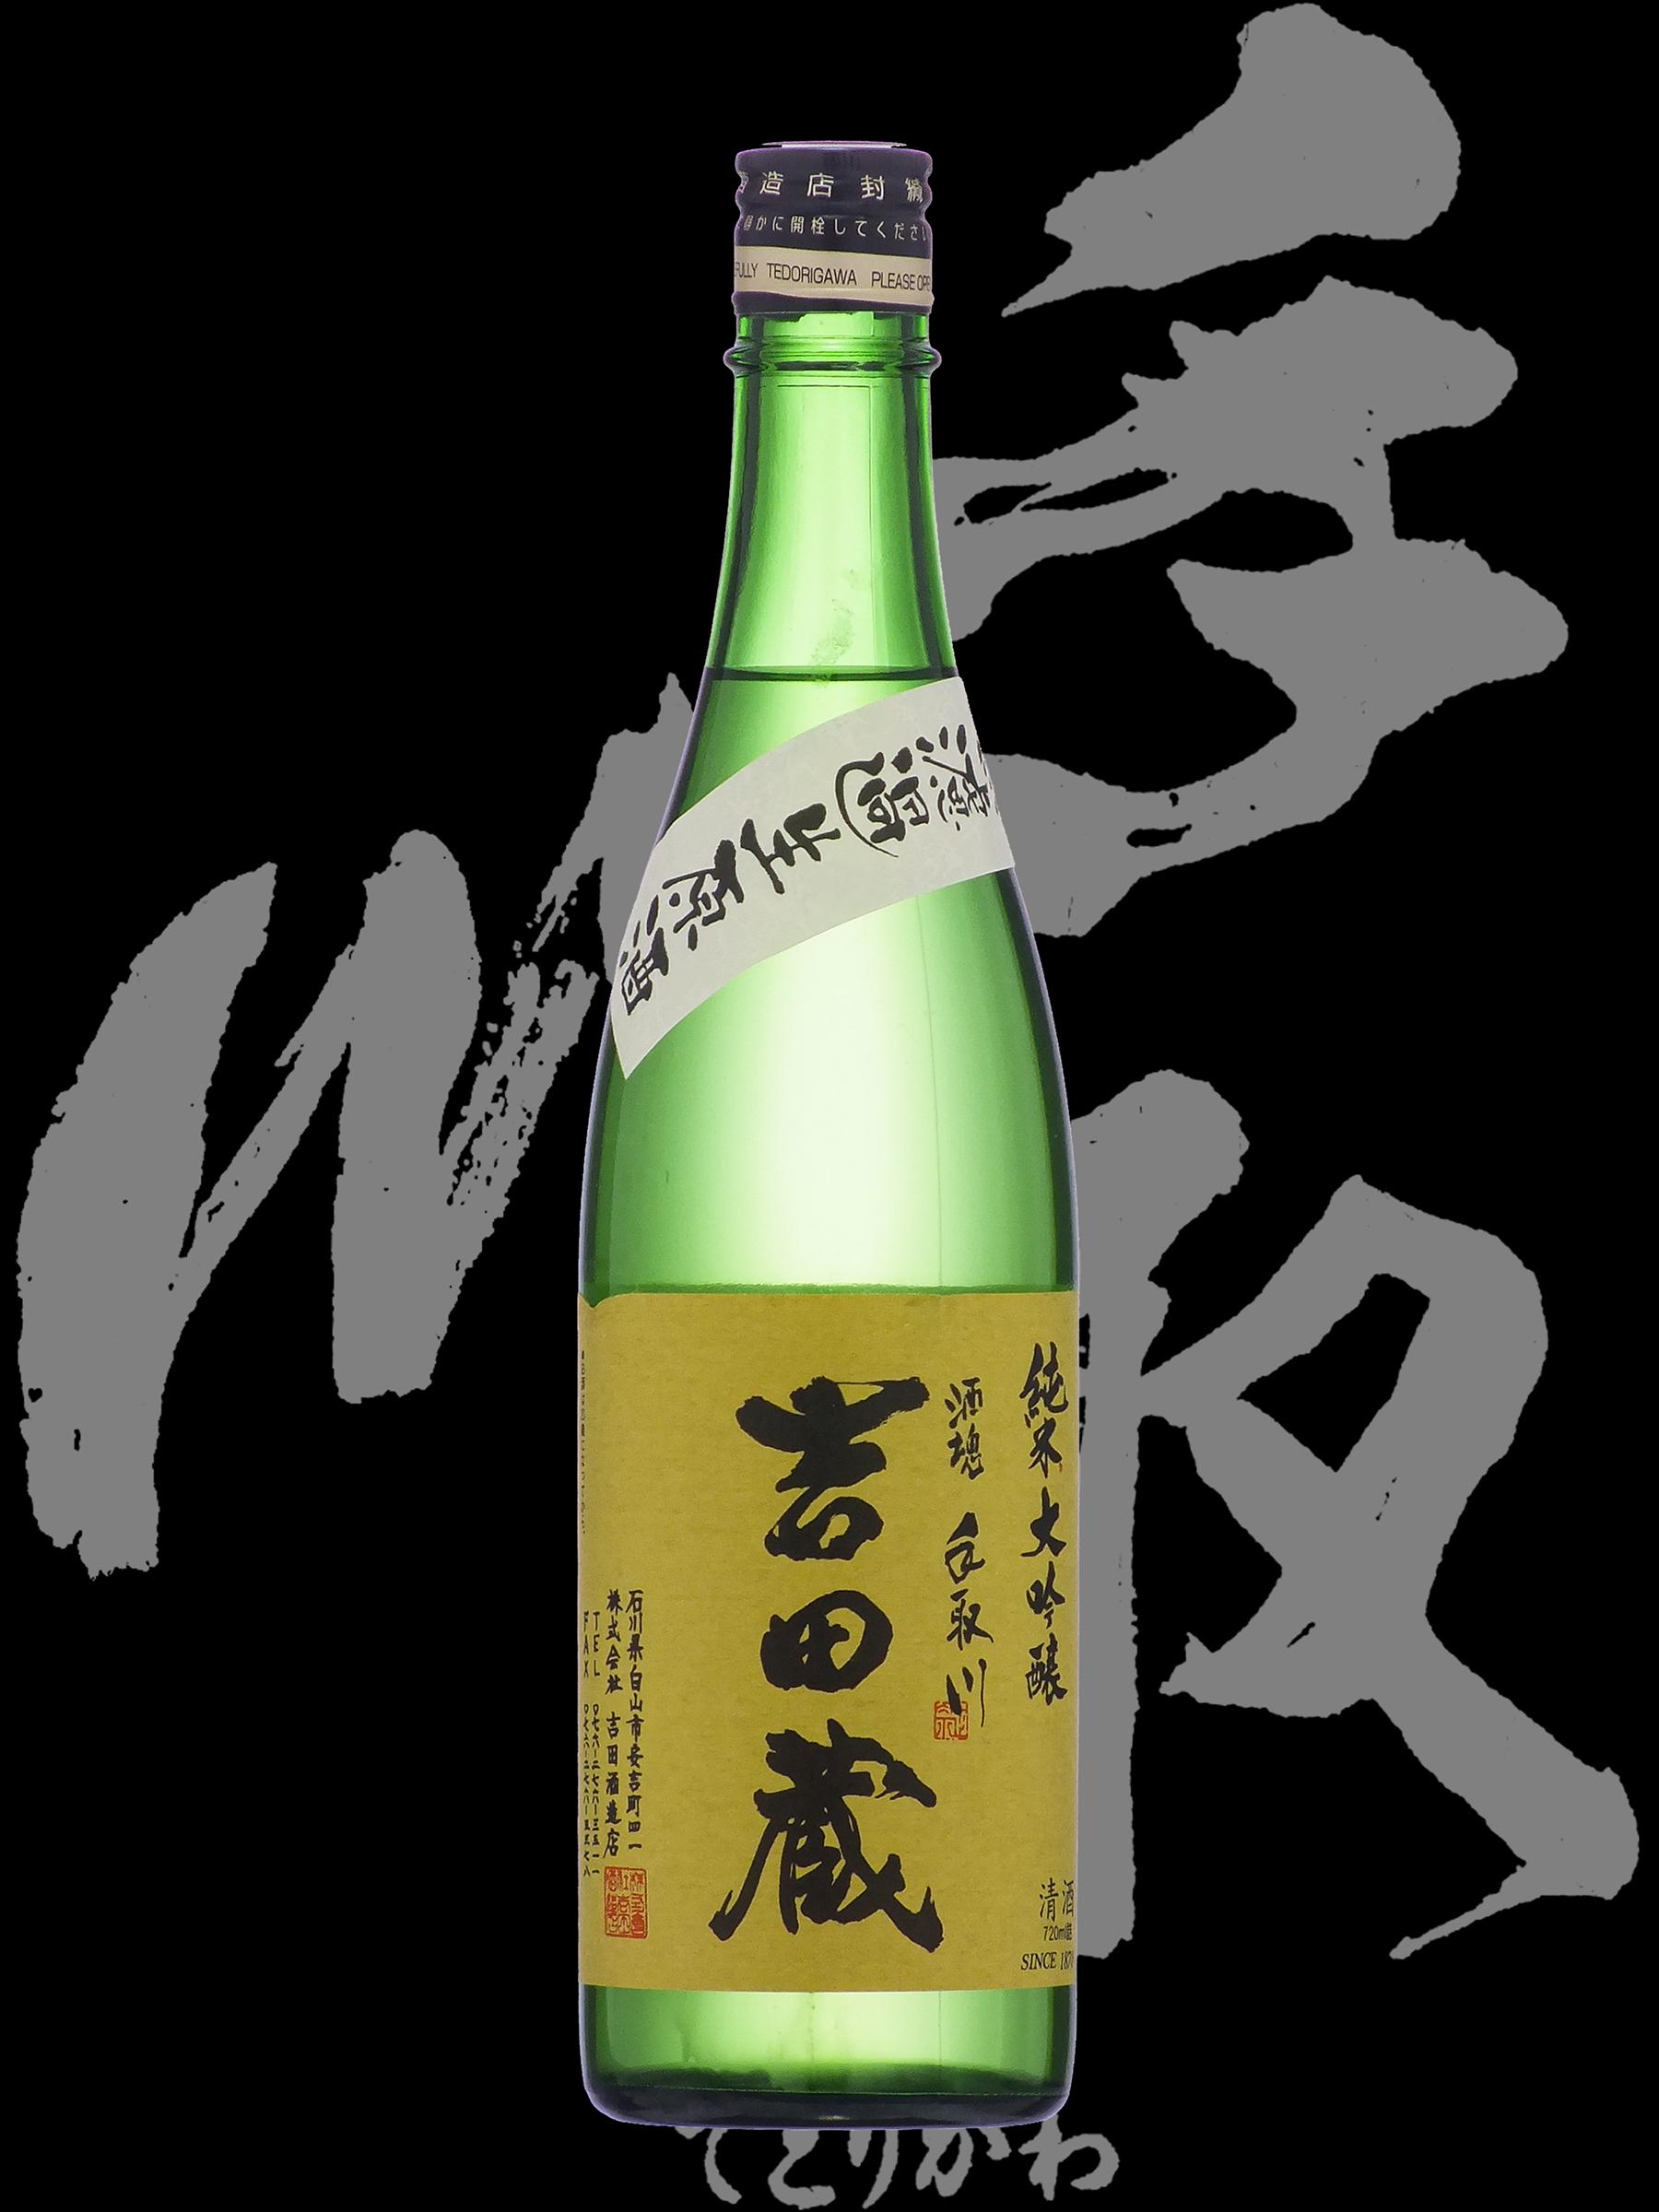 手取川(てどりがわ)「純米大吟醸」吉田蔵 無濾過生原酒